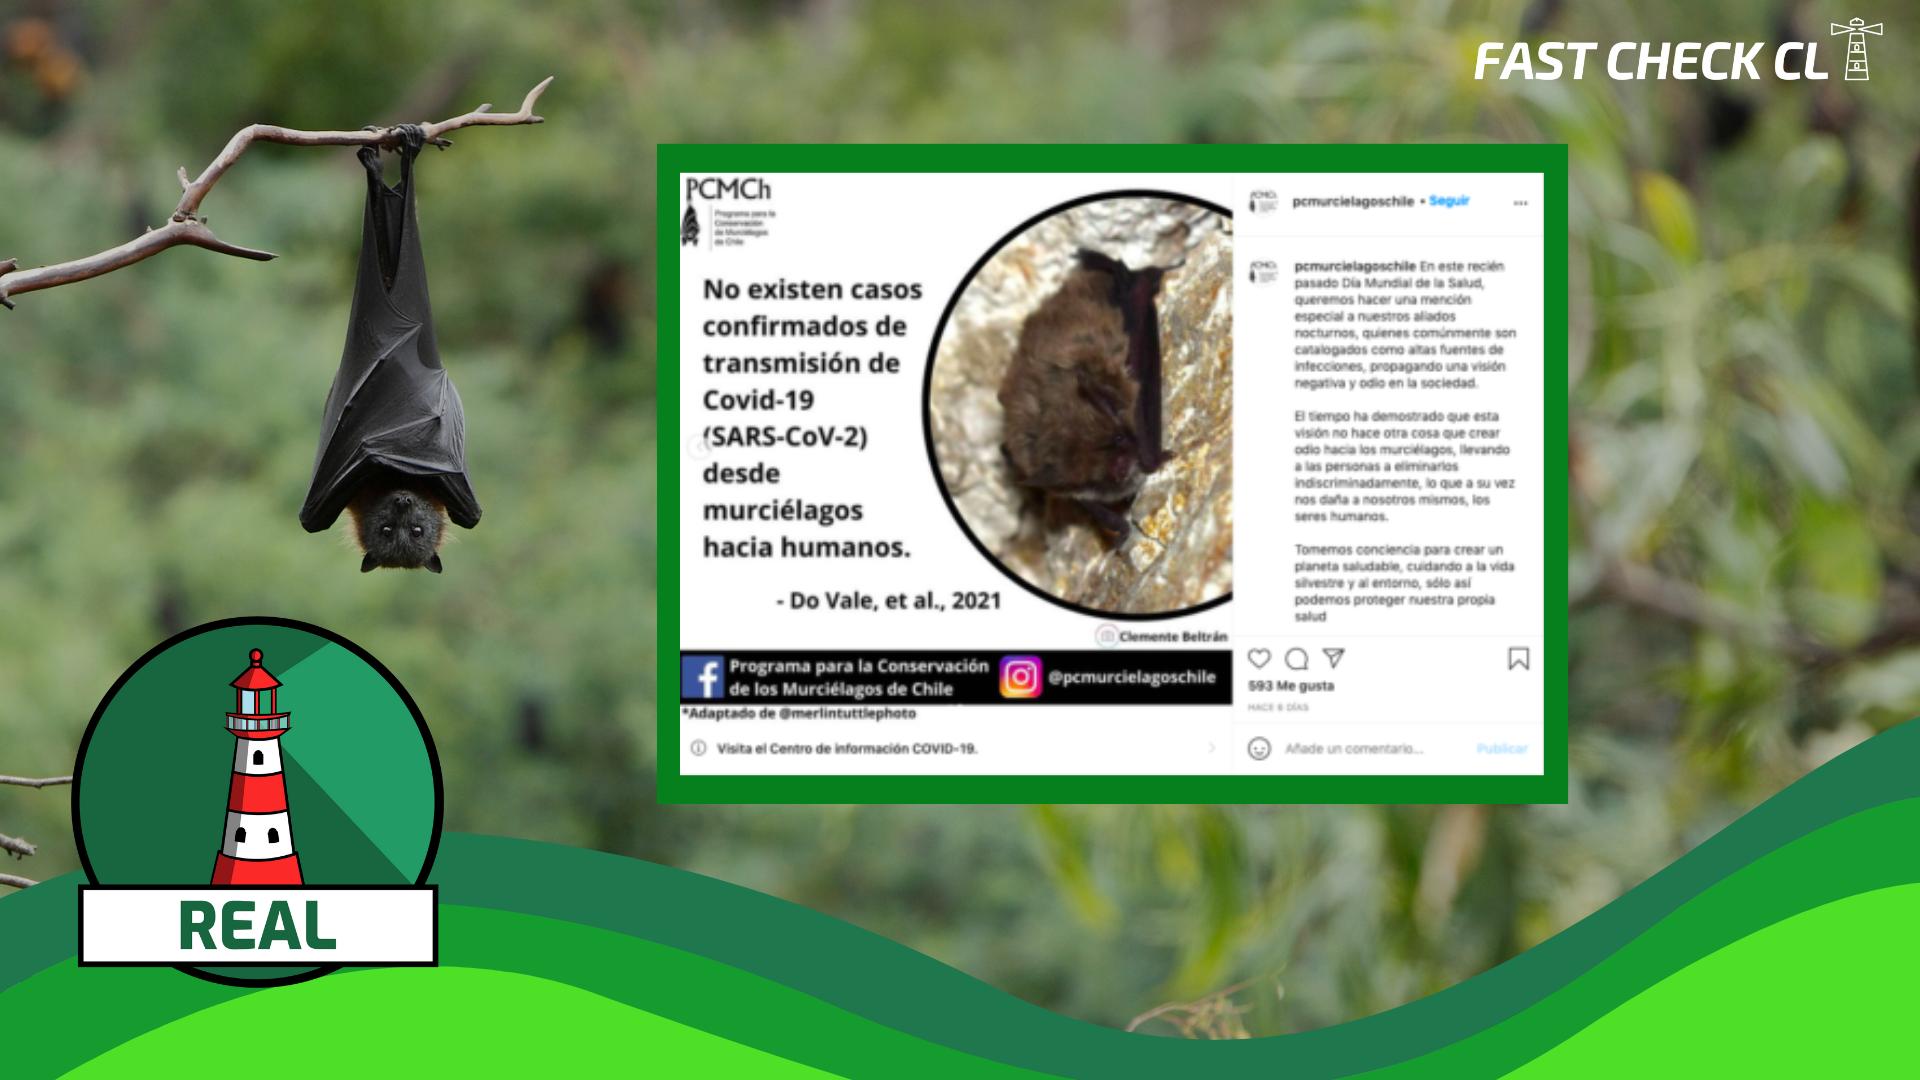 Los murciélagos tienen una historia de coexistencia segura con seres humanos, no existiendo casos confirmados de transmisión de Covid-19 desde la especie hacia humanos: #Real